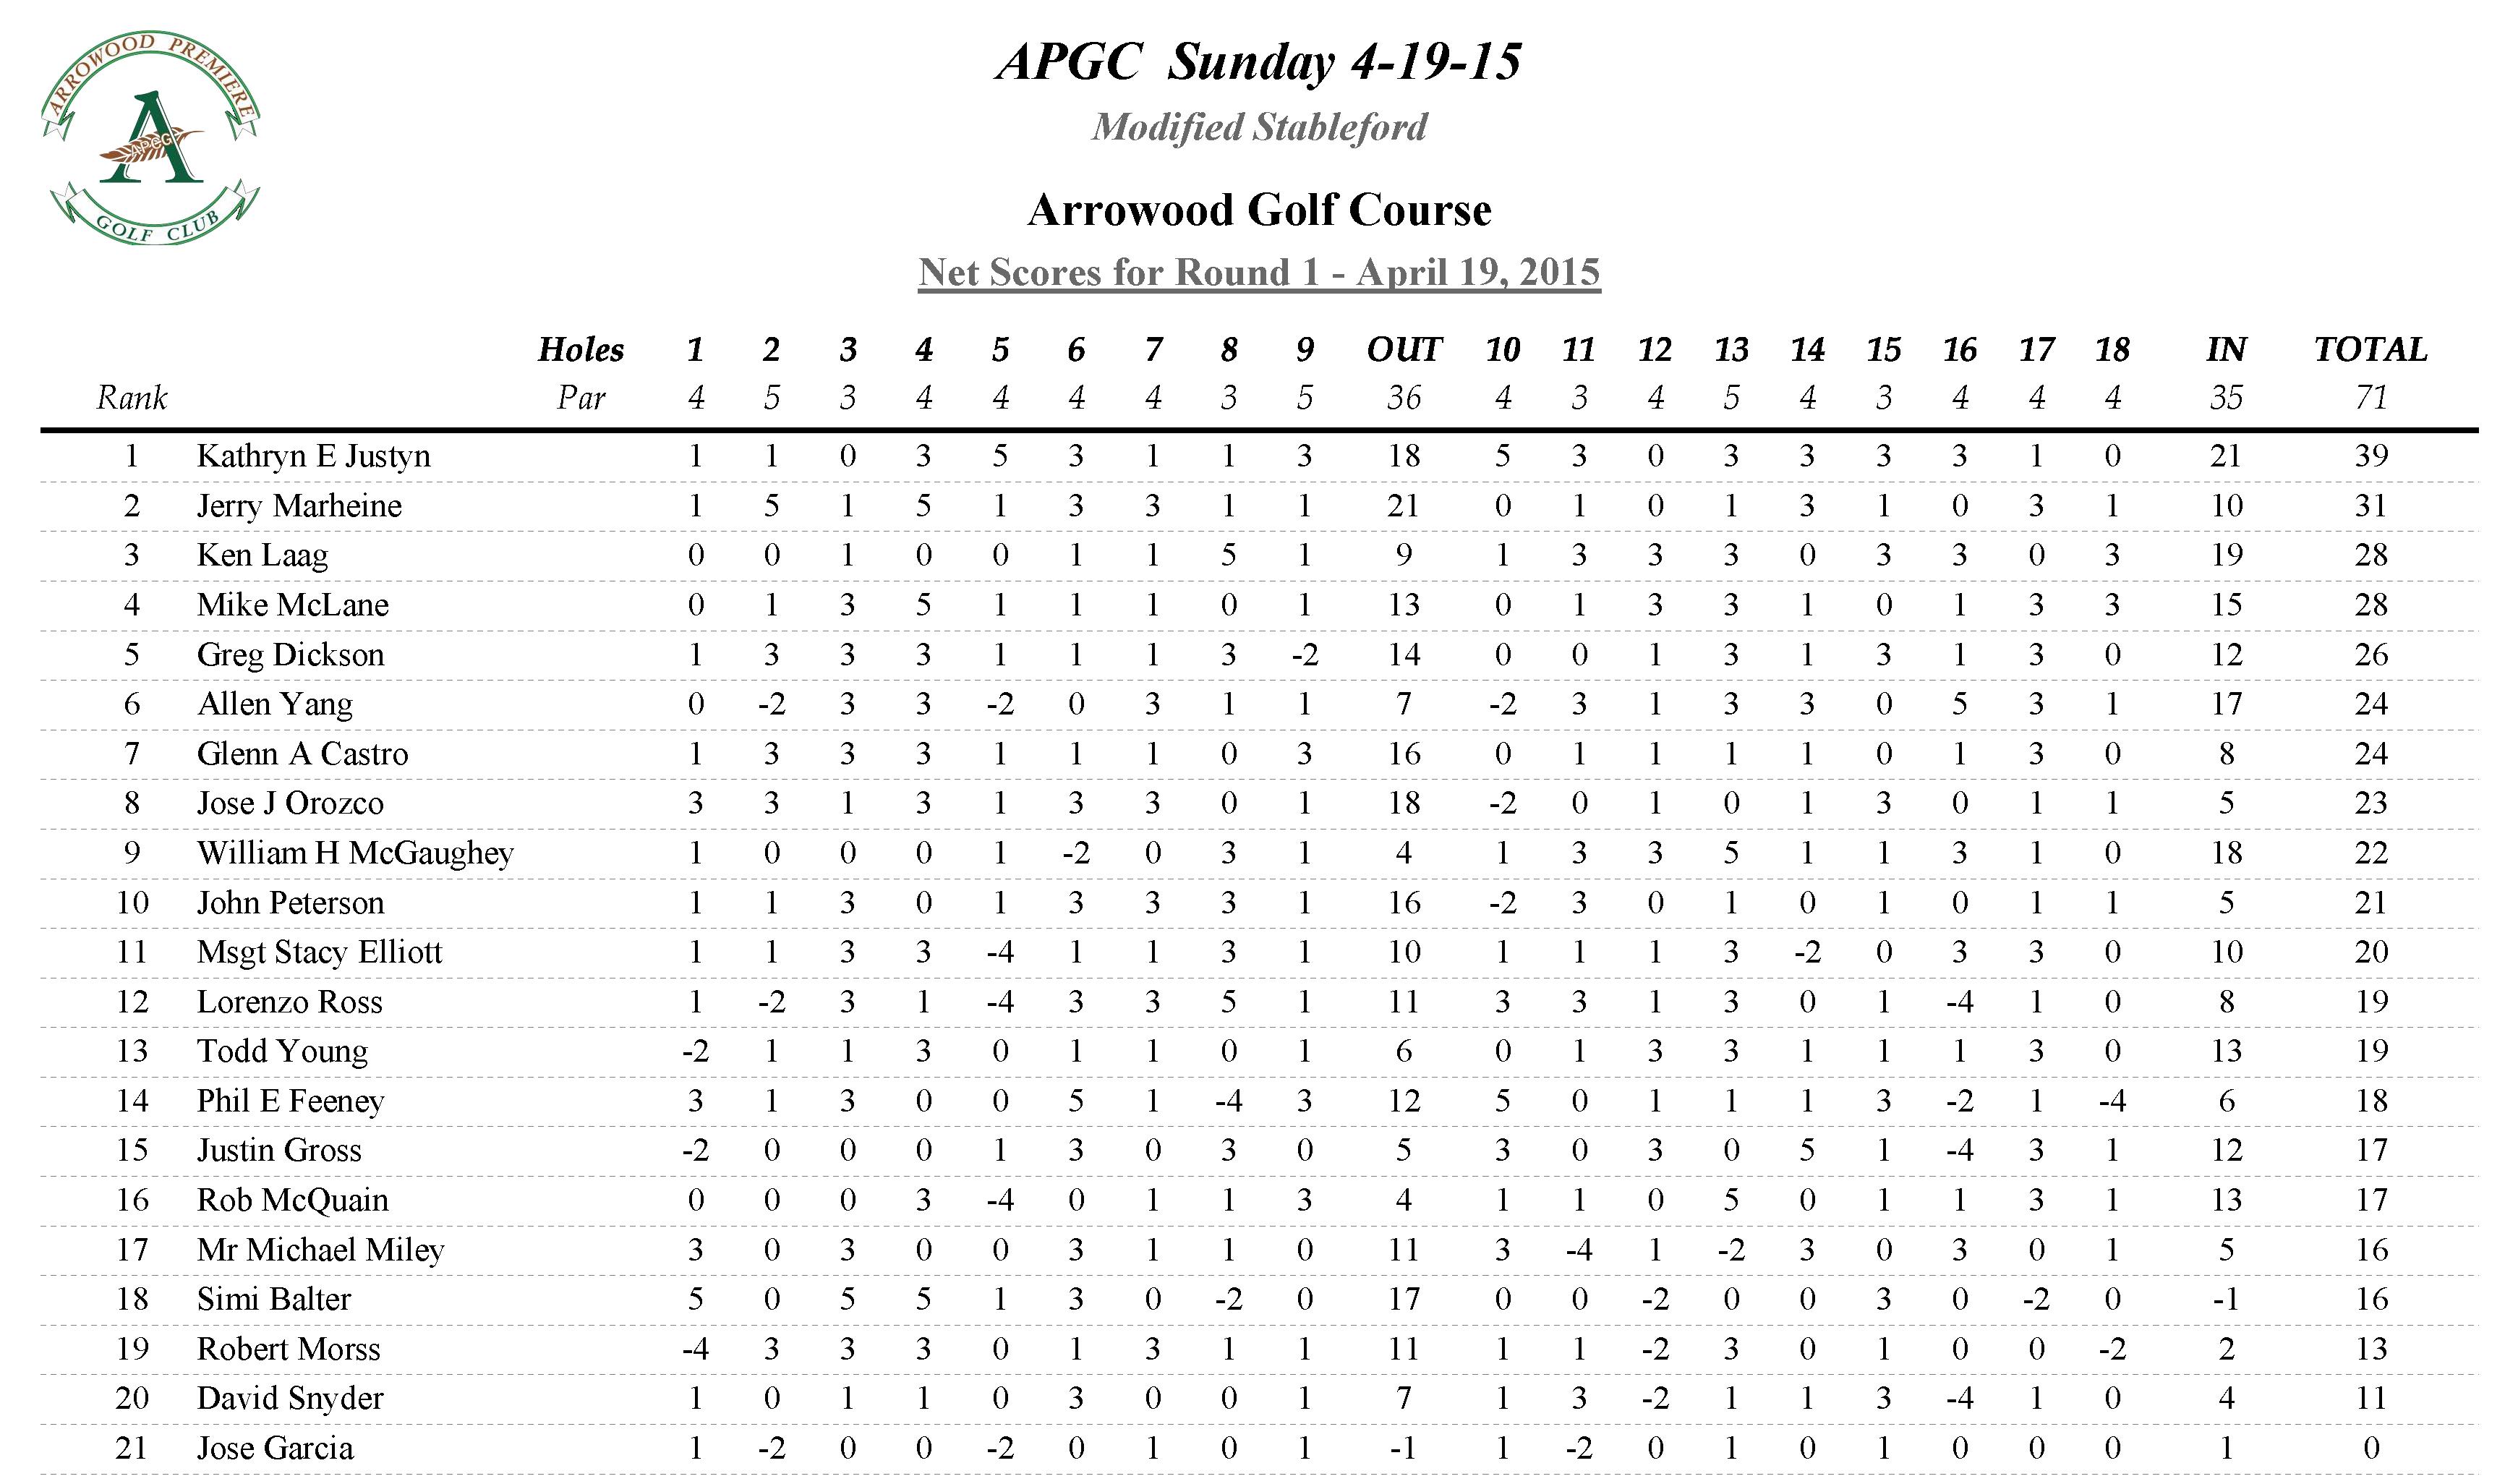 APGC 4-19-15